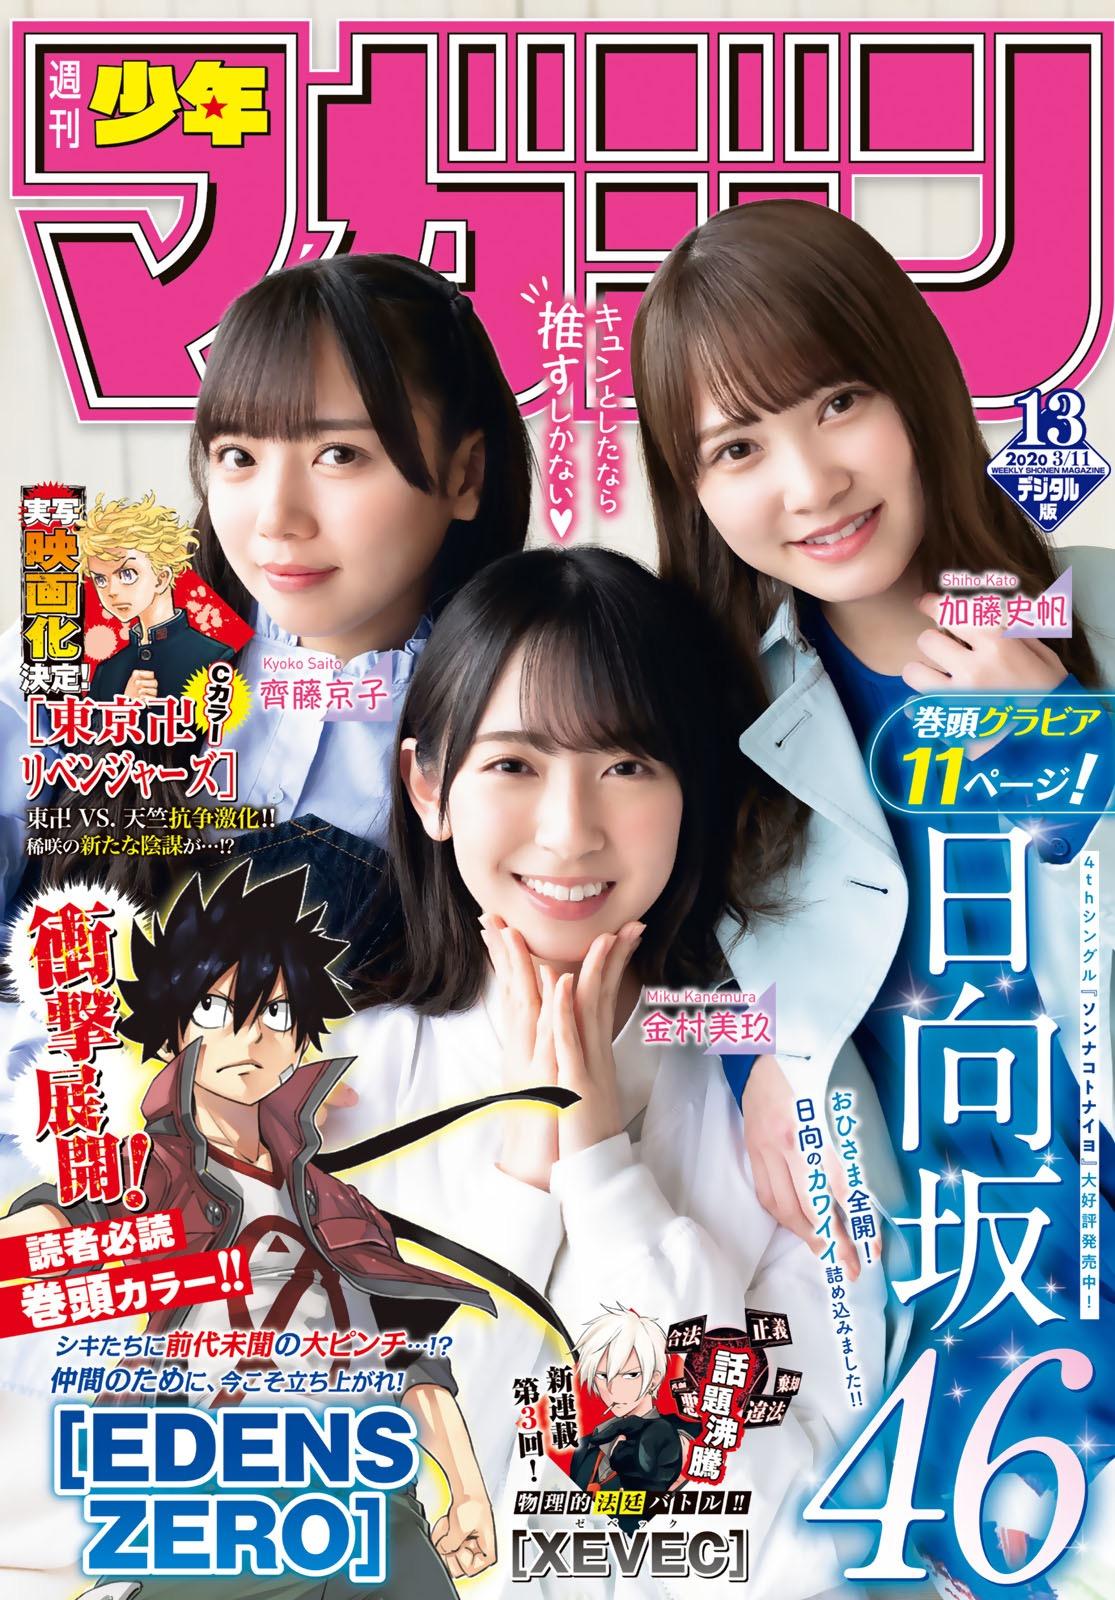 週刊少年マガジン 2020年03月11日号  13号 日向坂46